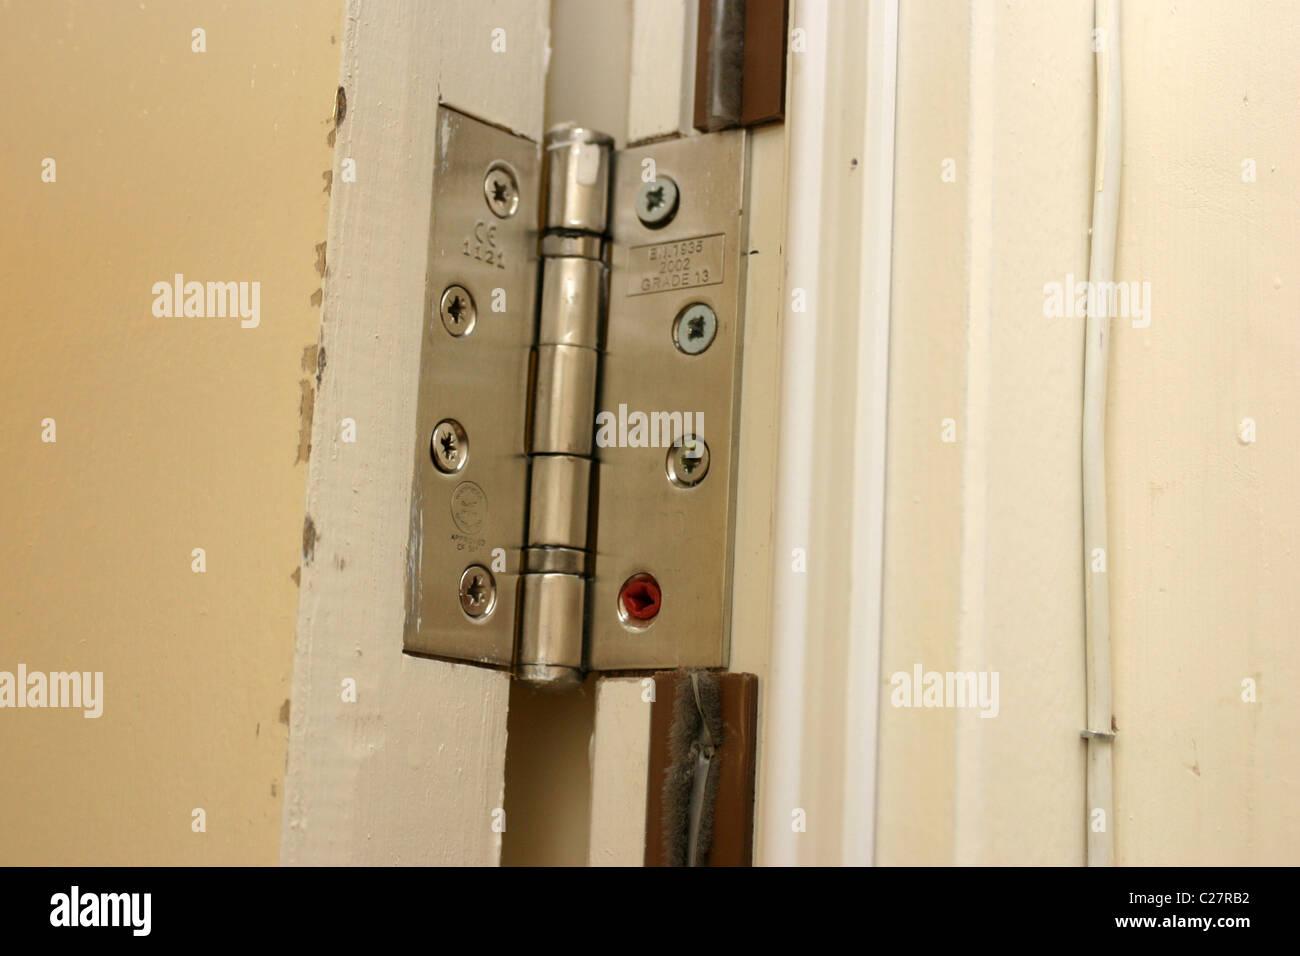 Montage ein Scharnier auf einer Türzarge Stockfoto, Bild: 35822054 ...